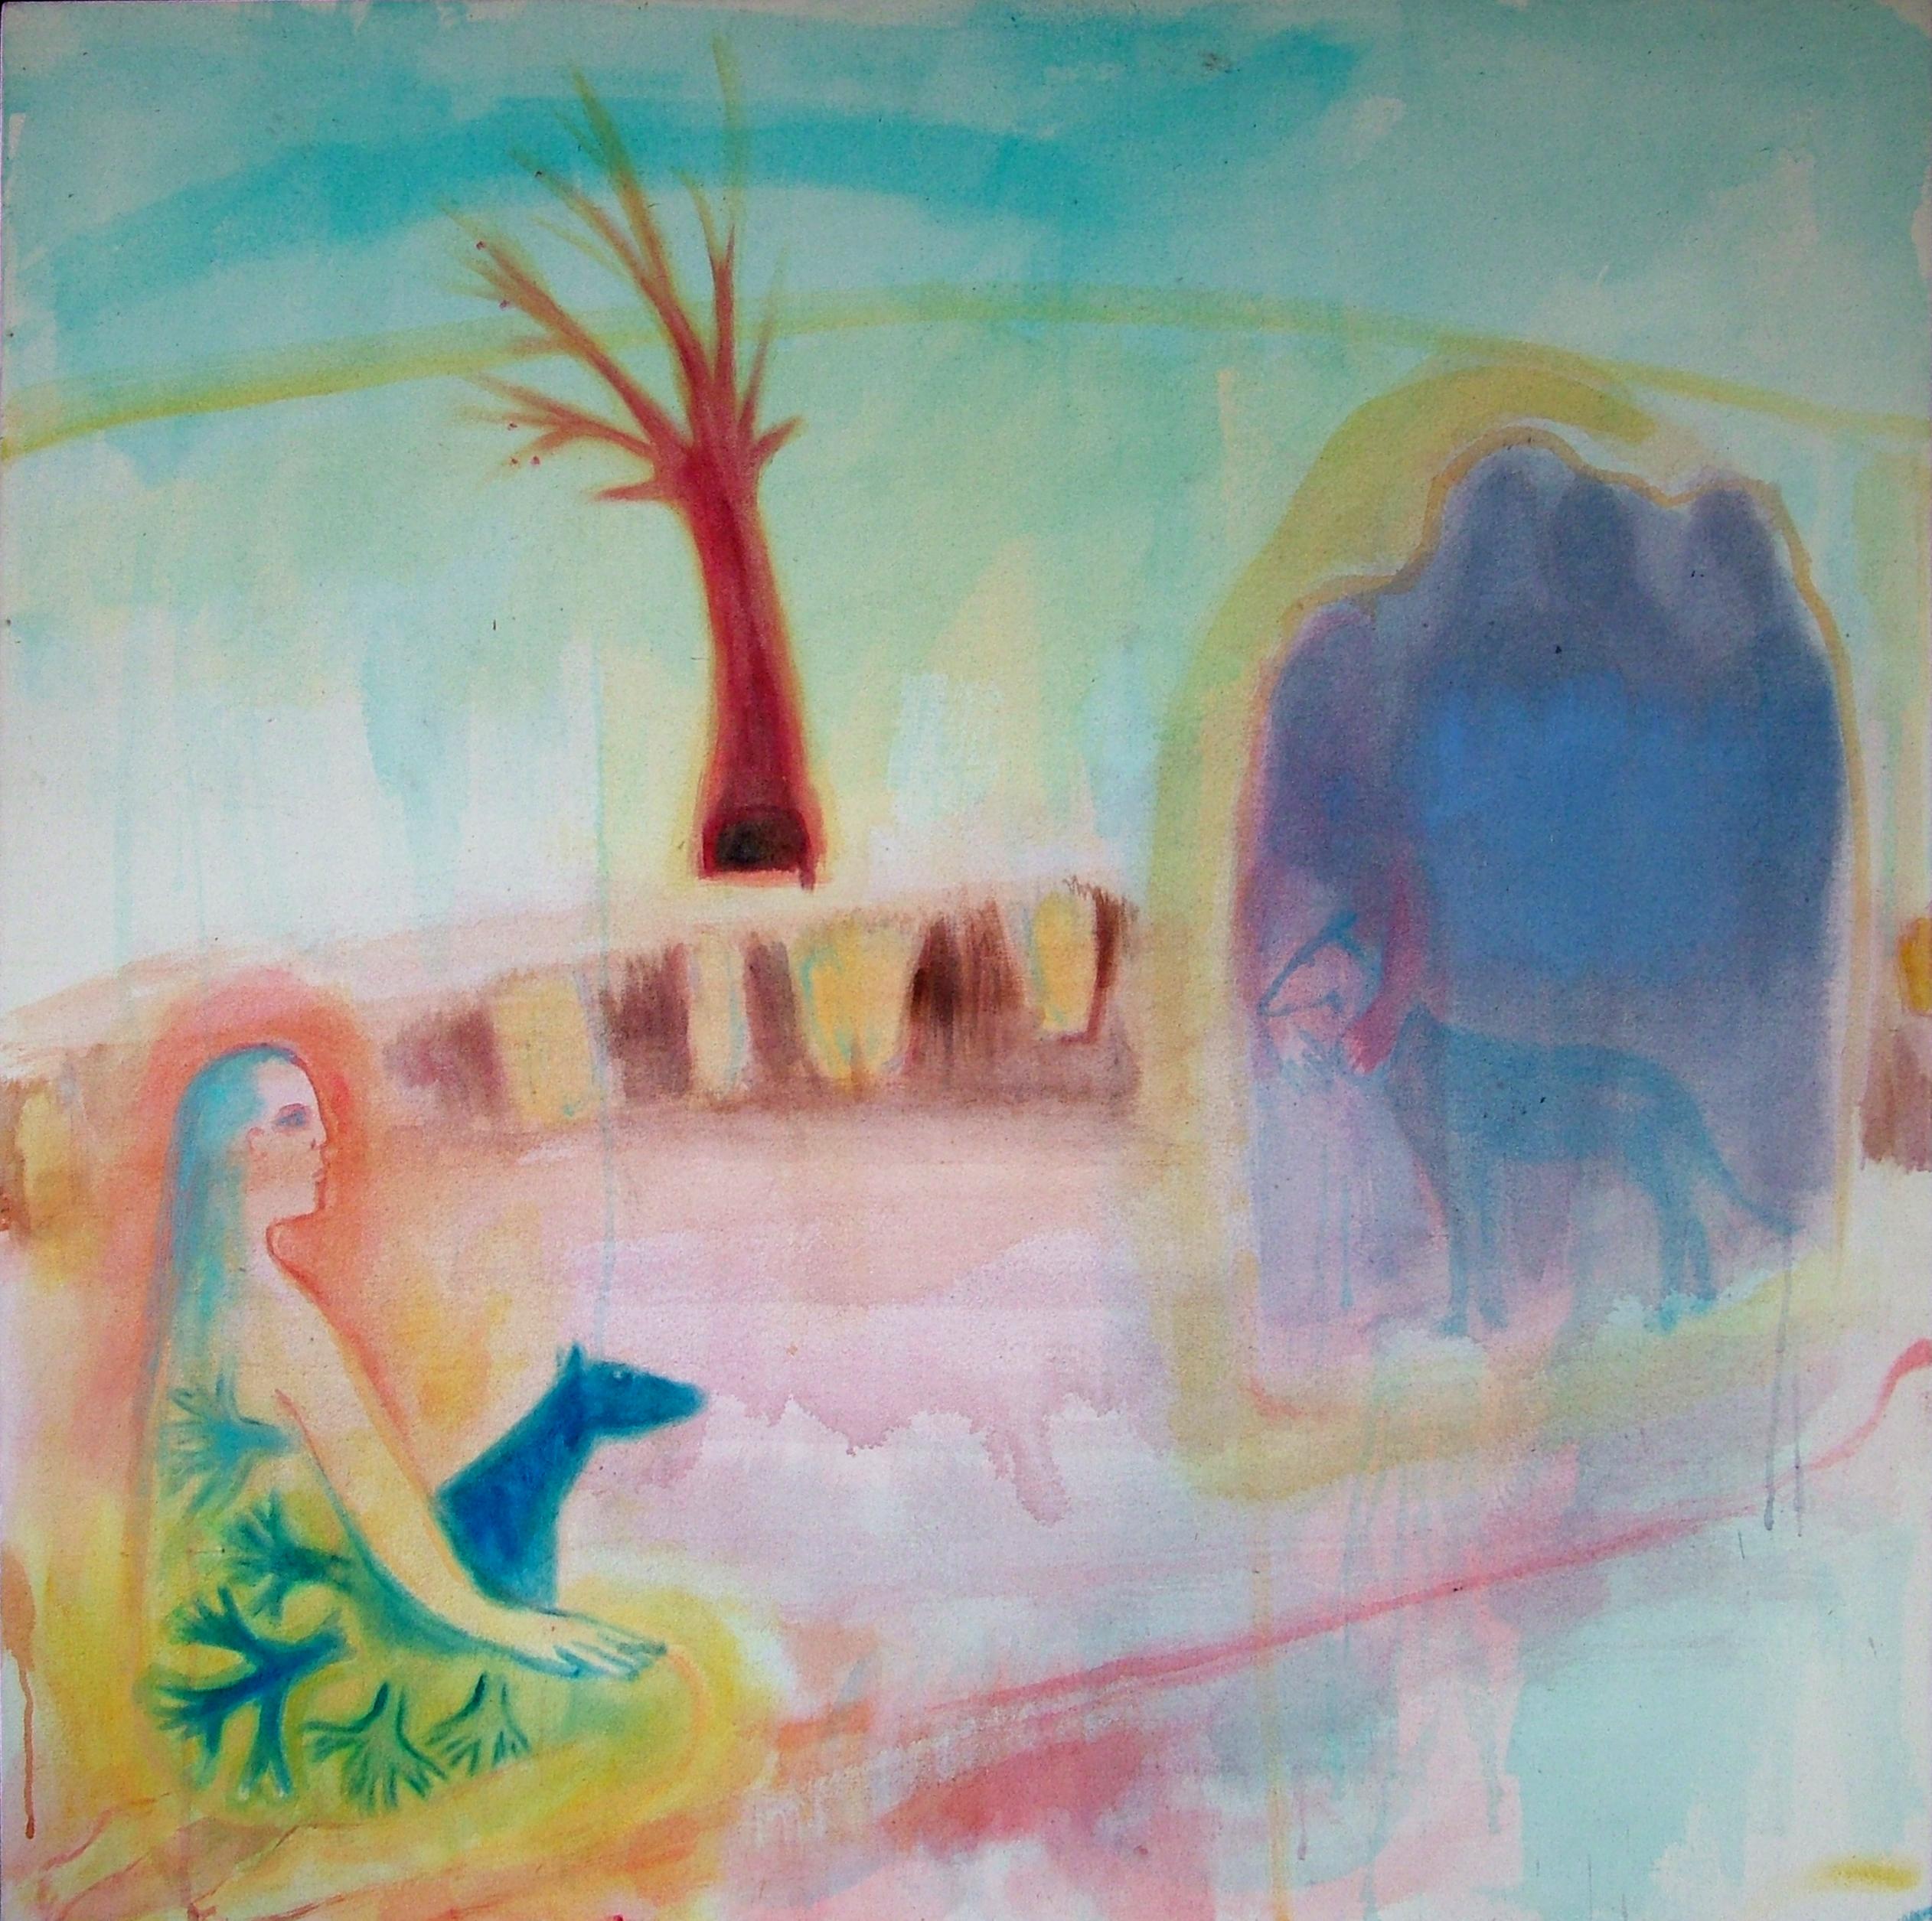 Ancestors - 1999 - Acrylic, Mixed Media on Canvas - 120 X 120 cm